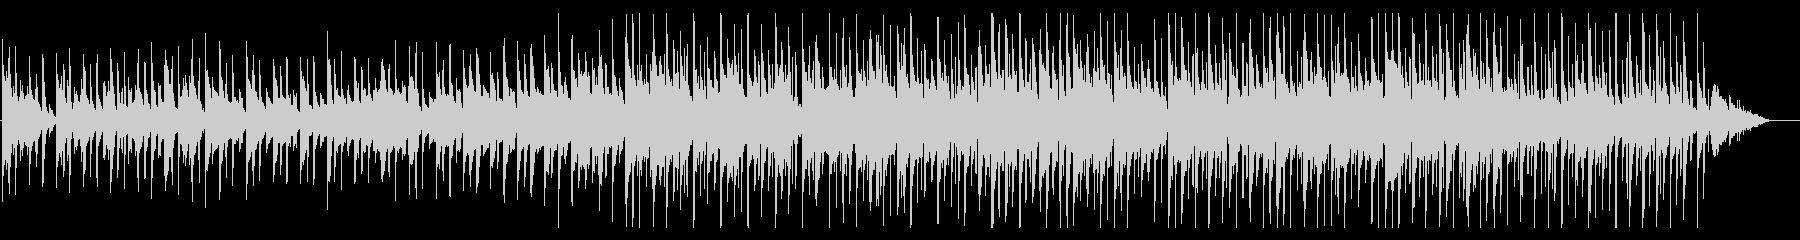 ハッピーバースデーのBGMの未再生の波形